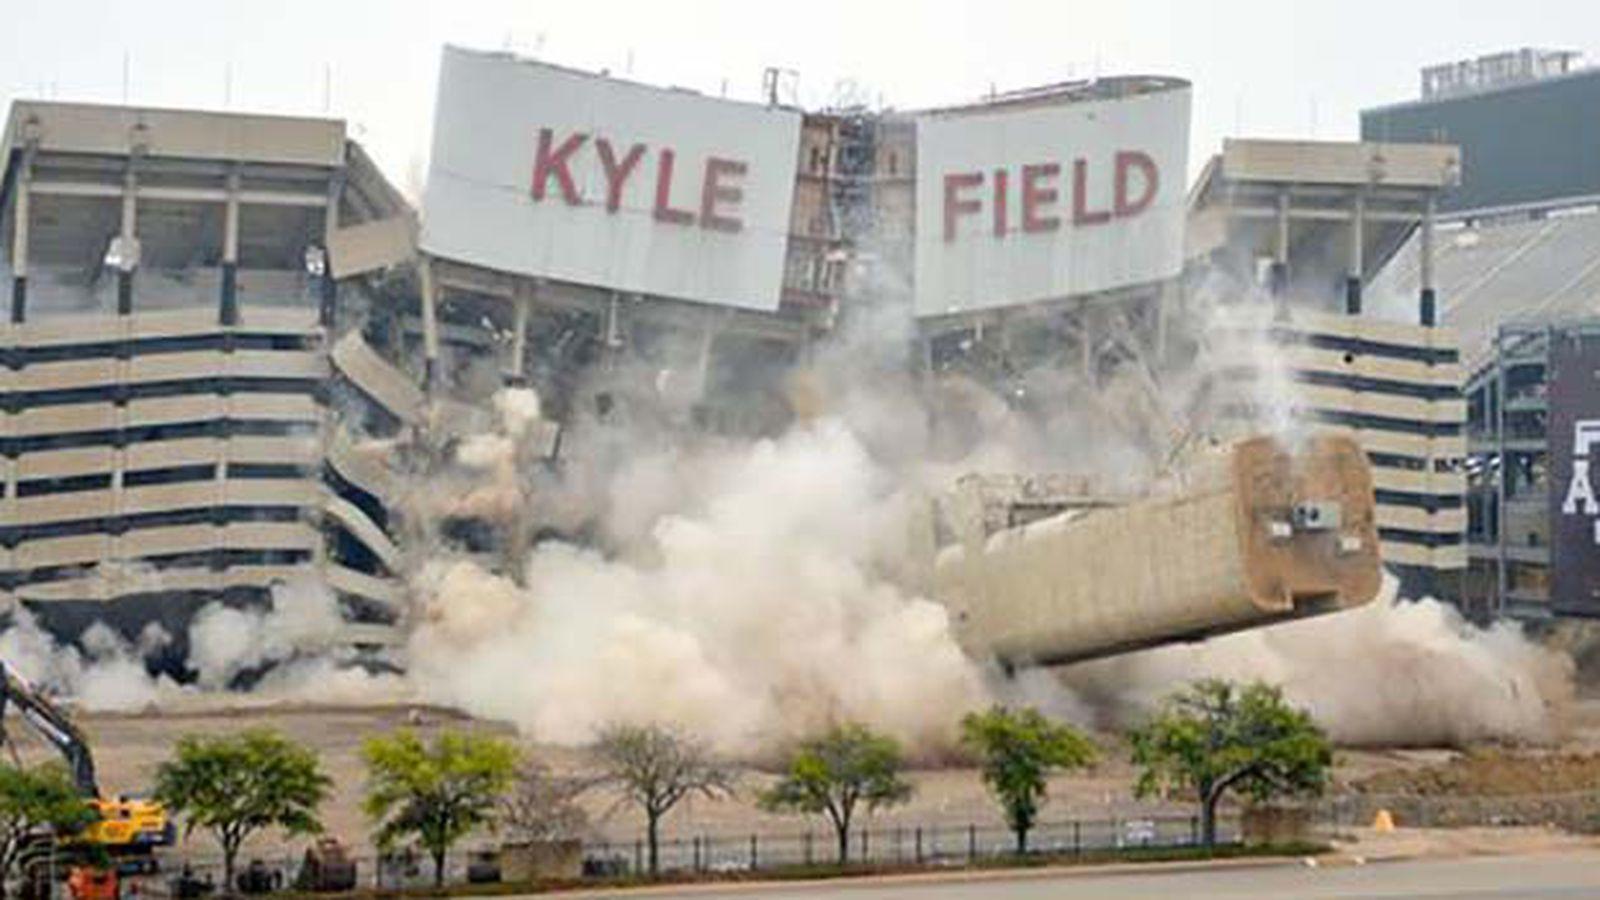 Kylefield.0